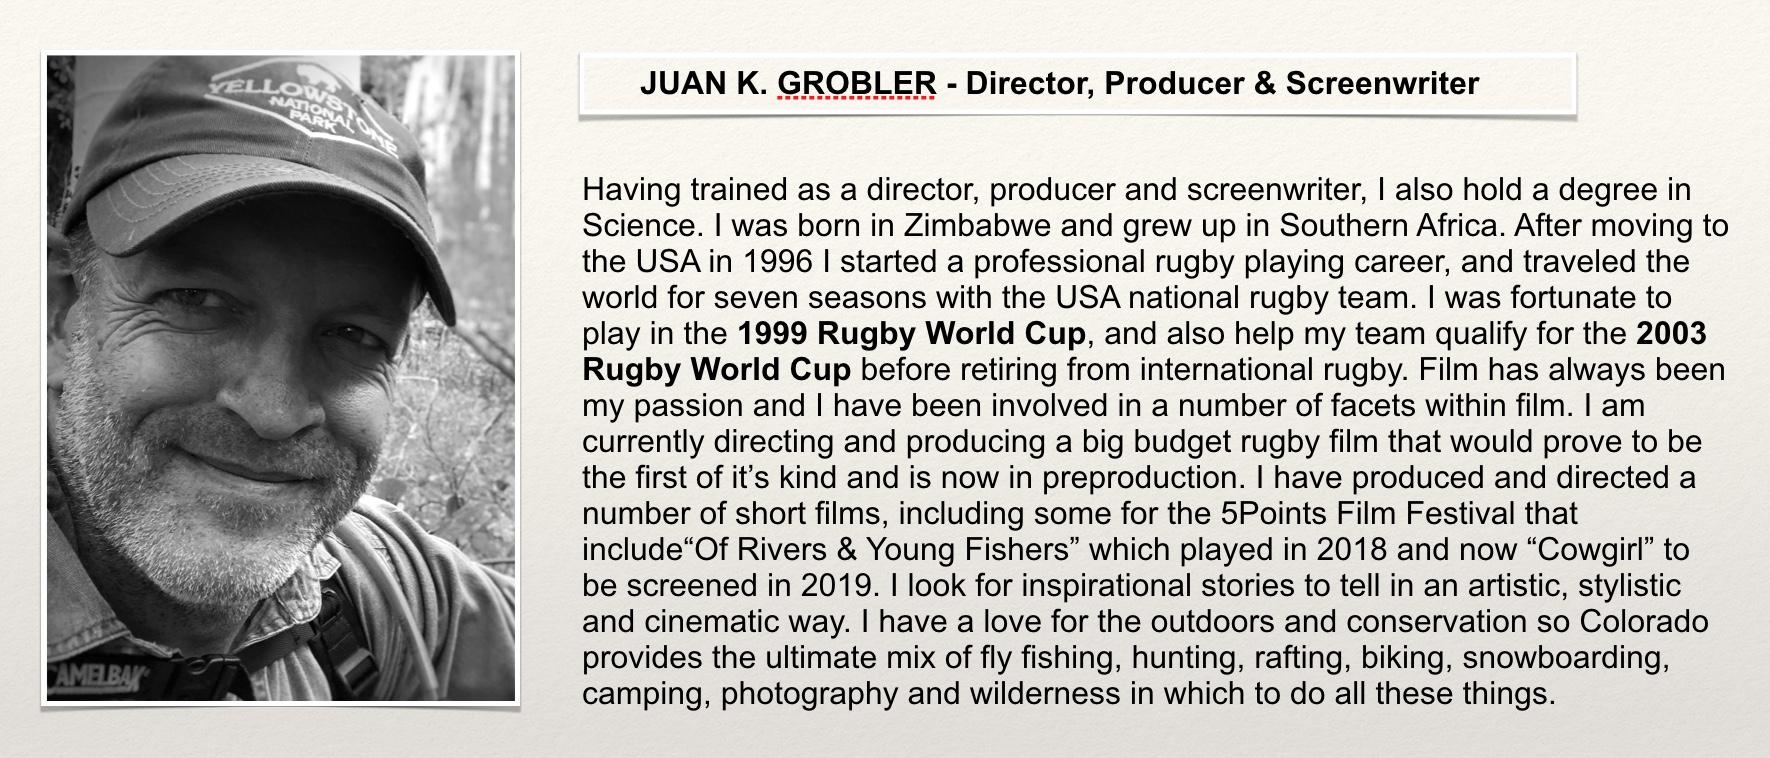 Juan Grobler - Film Director